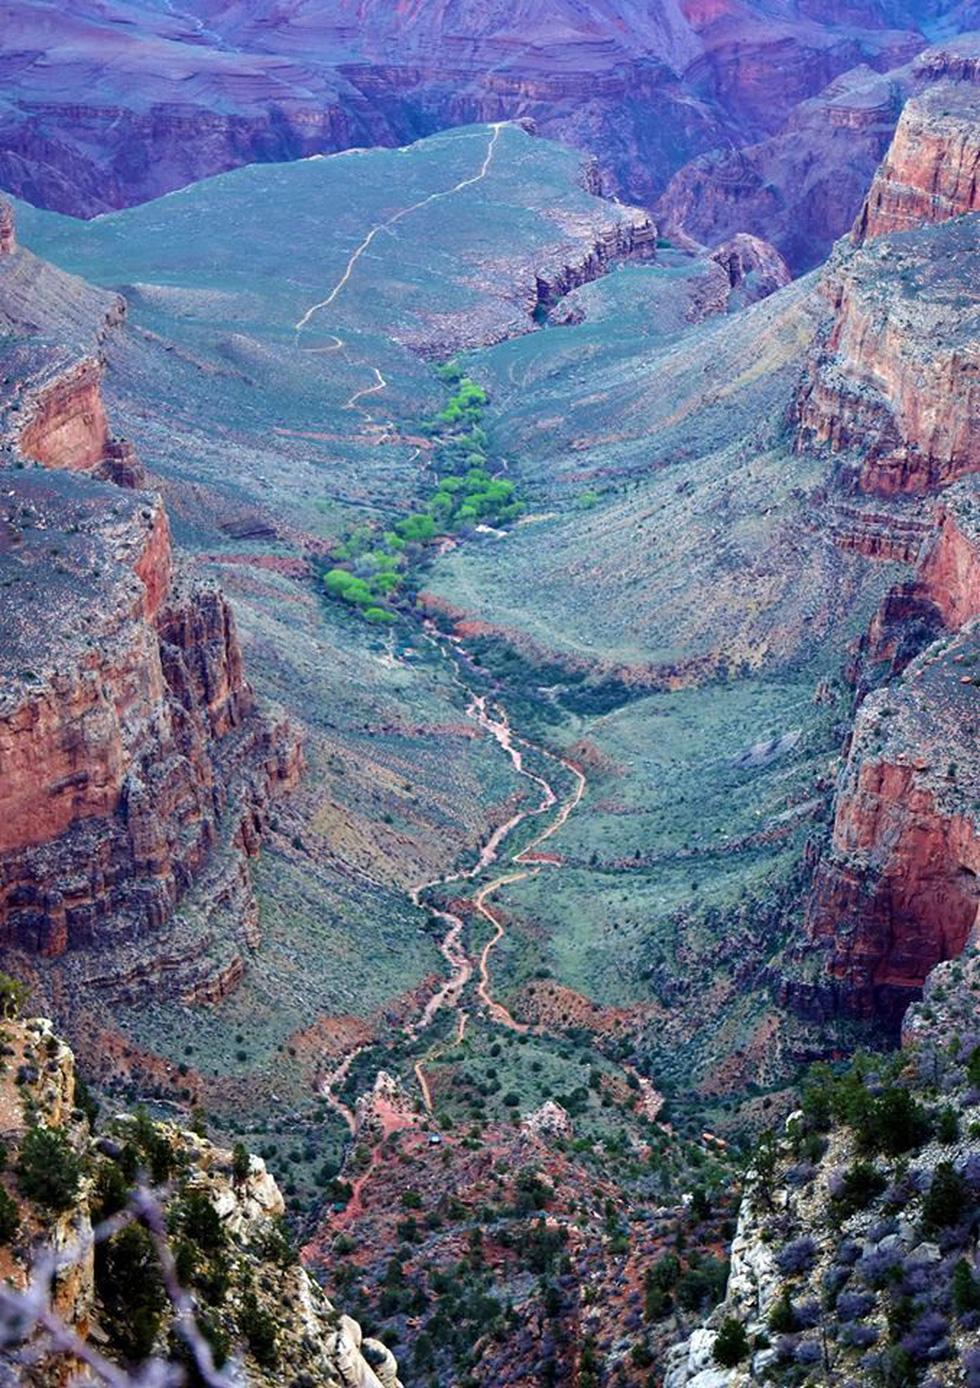 Kỳ quan Grand Canyon tráng lệ mùa tuyết rơi - Ảnh 3.